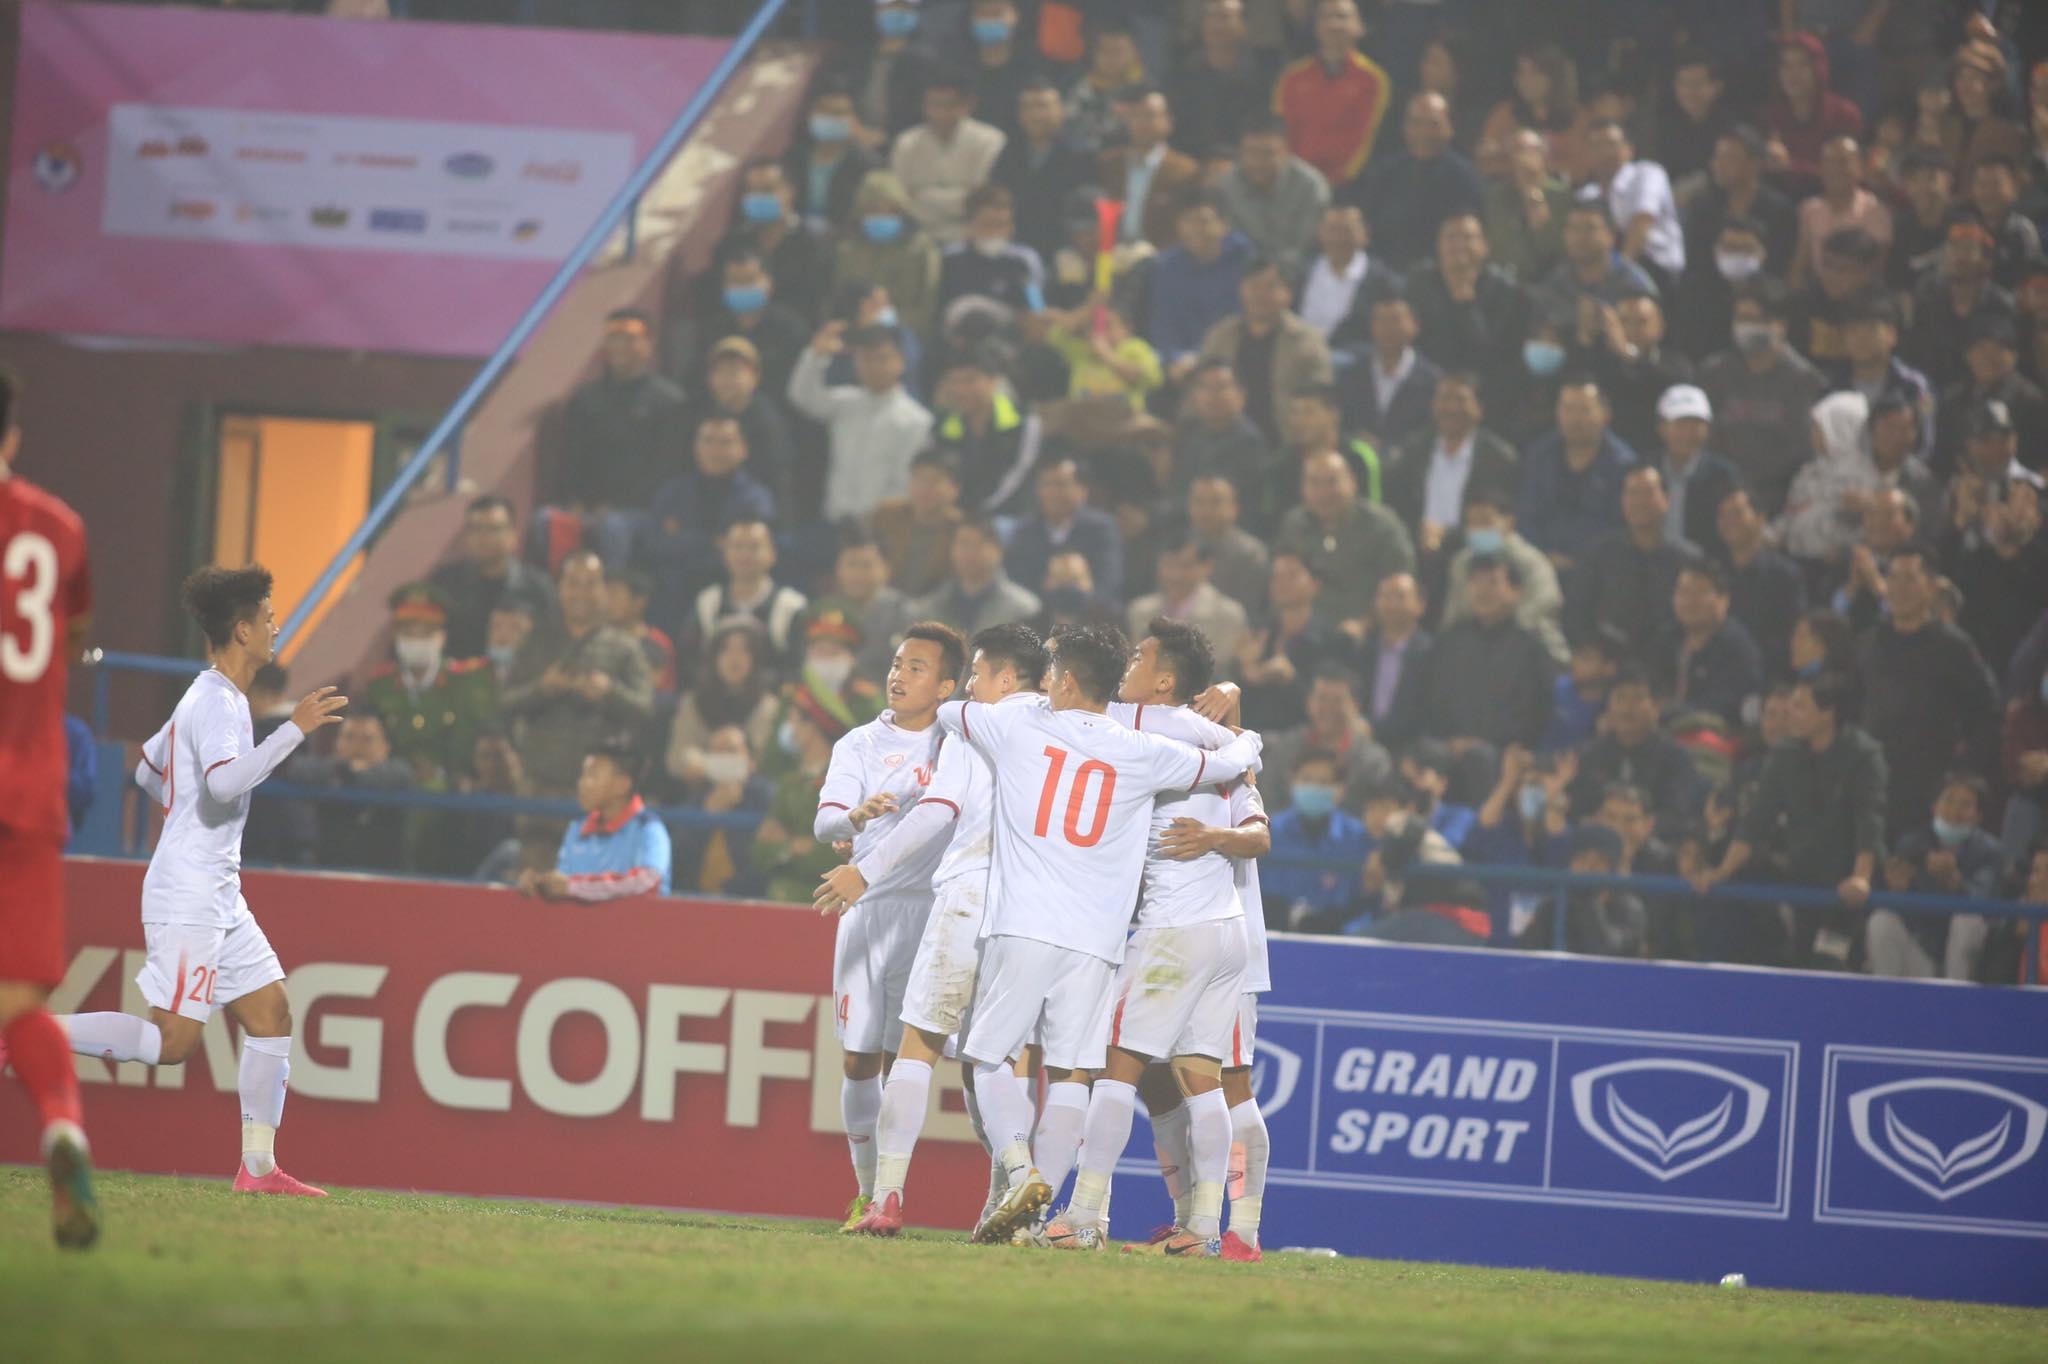 Niềm vui của U22 Việt Nam sau bàn gỡ 2-2 của Thanh Minh - Ảnh: Minh Tuấn